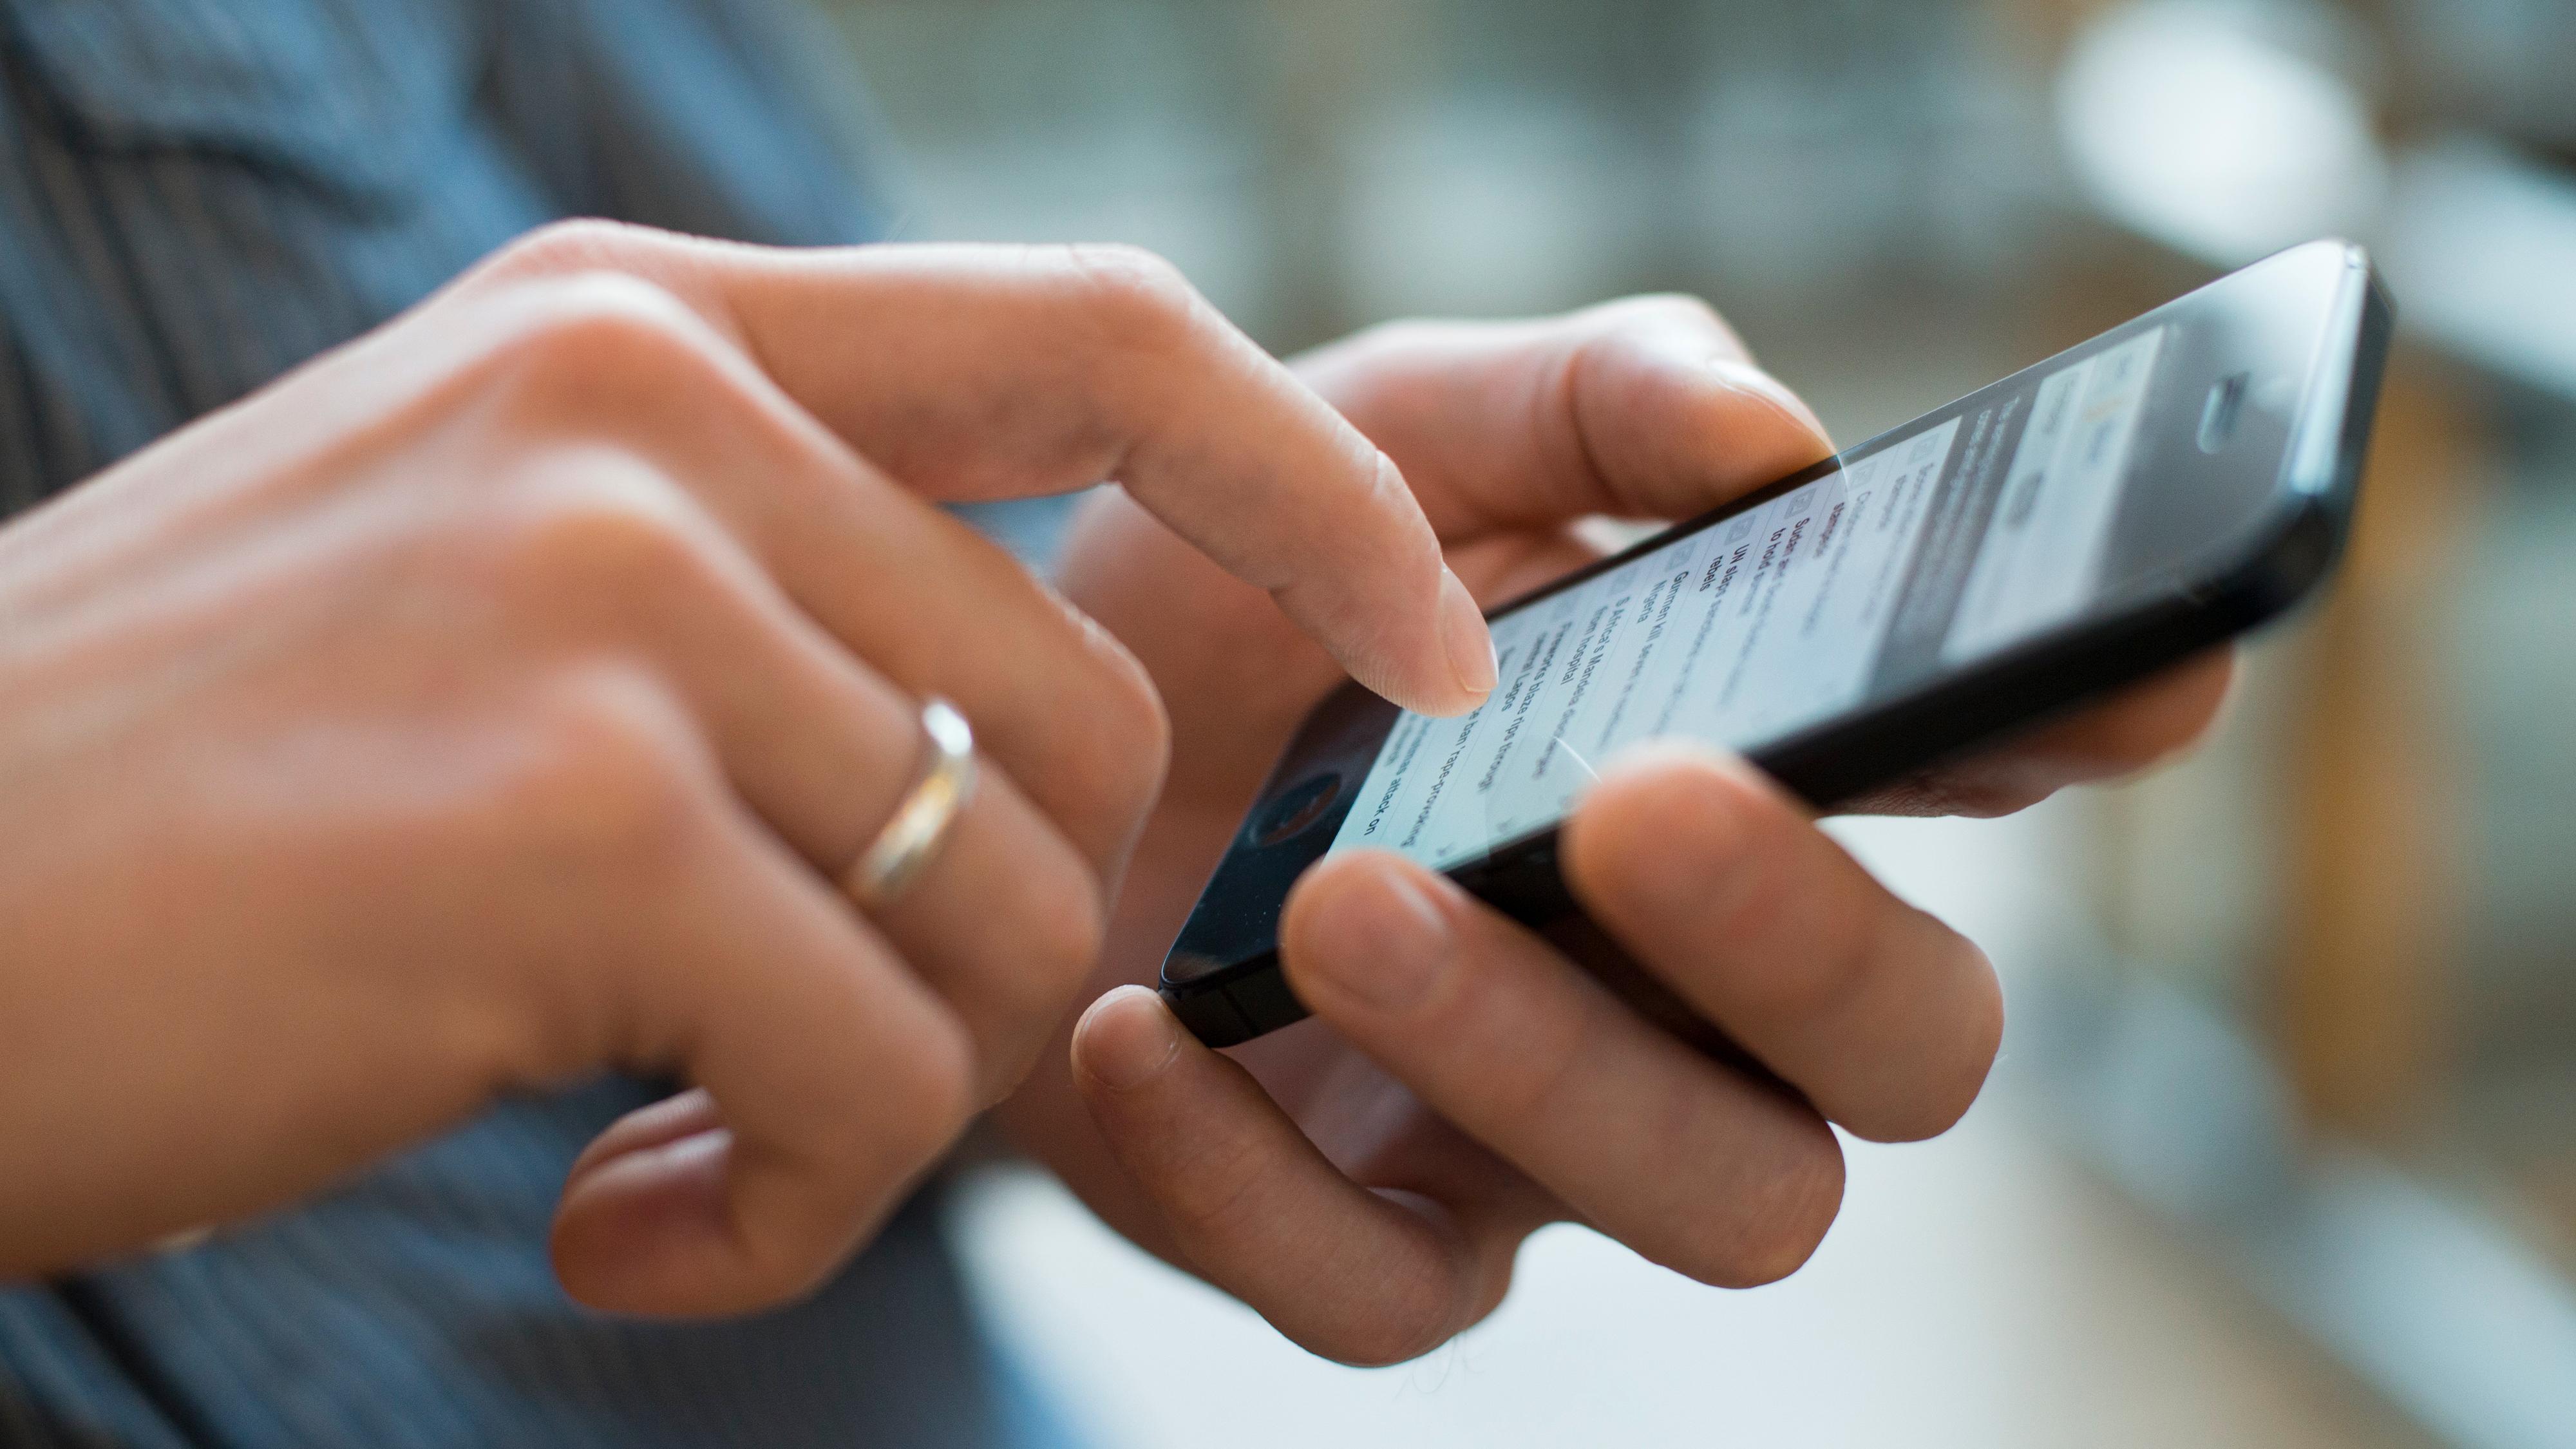 Derfor bør du beholde mobilen lenger: – Har enorme konsekvenser